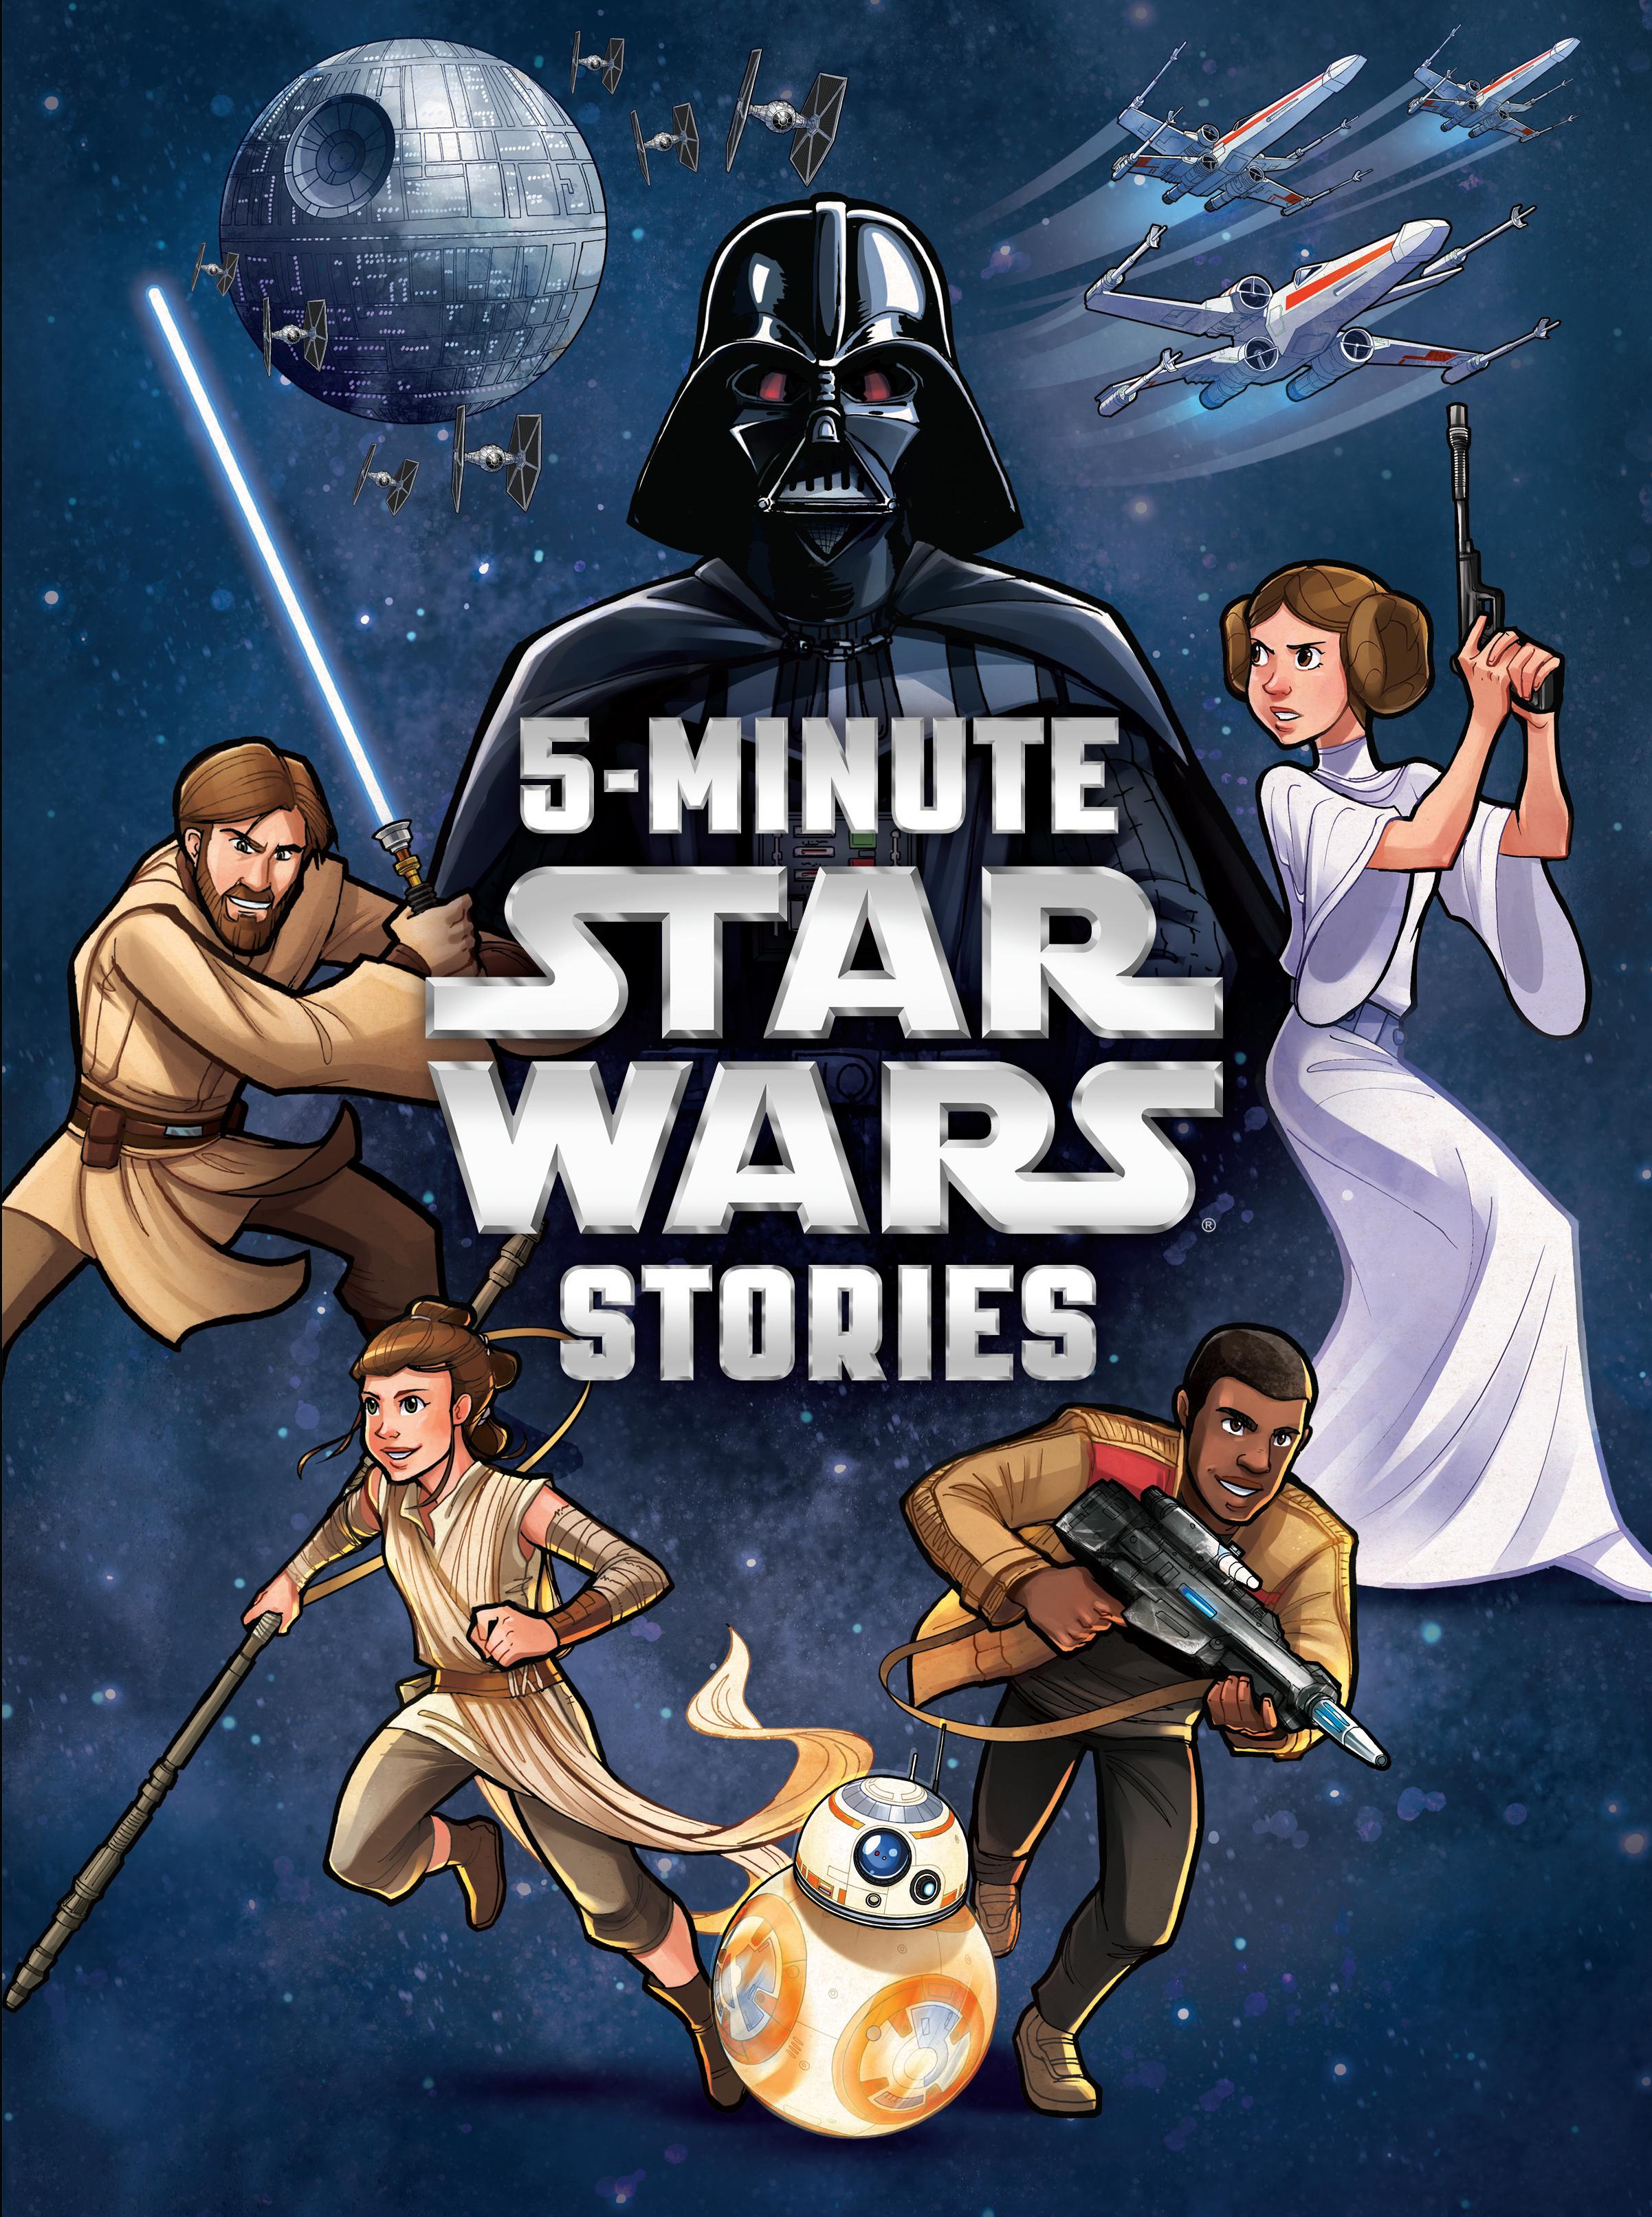 5-минутные истории Звёздных войн